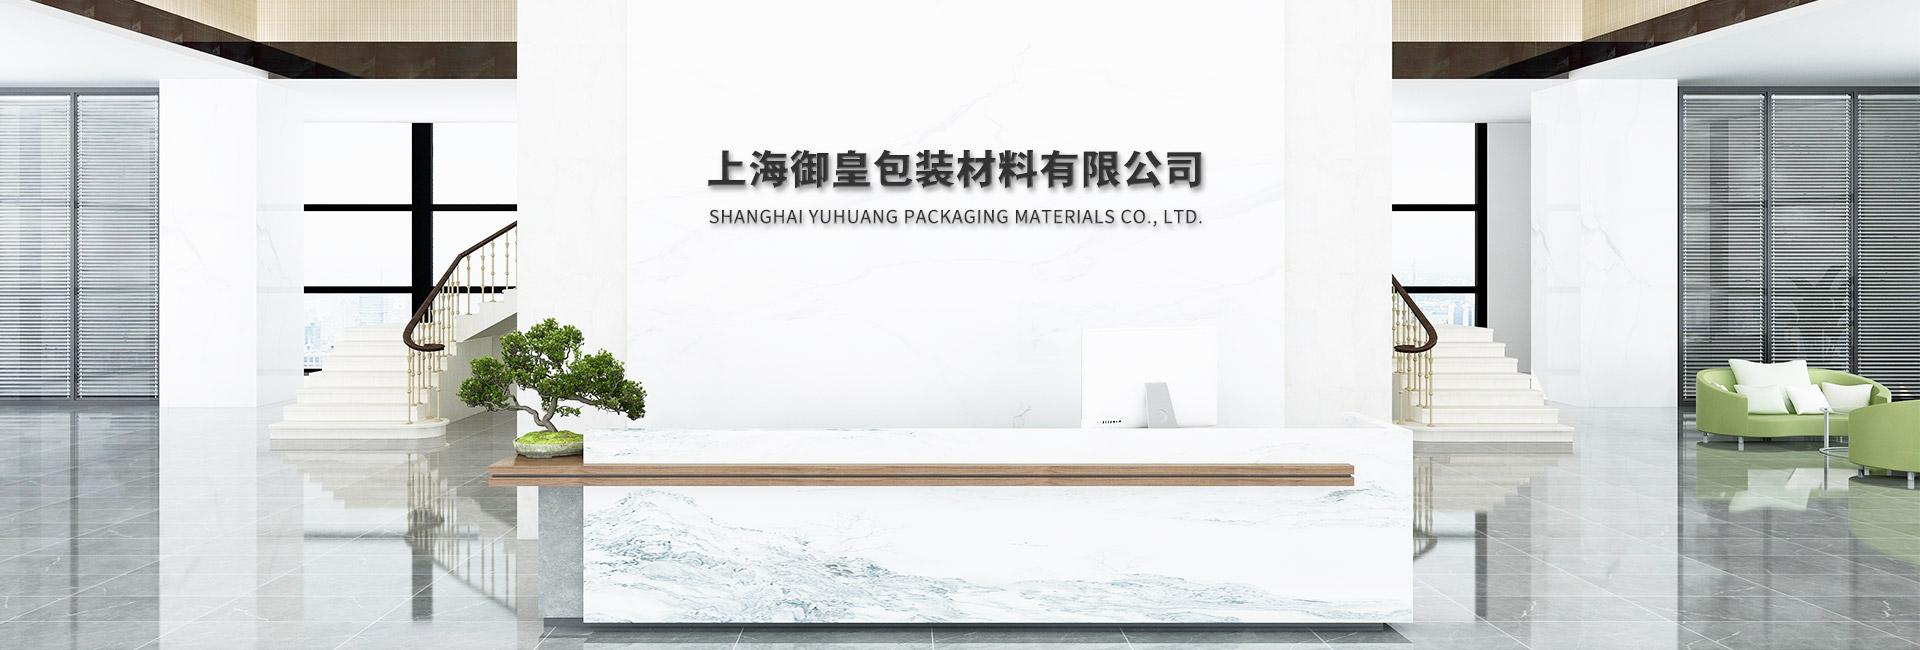 上海竞博电竞下载电竞竞博公司